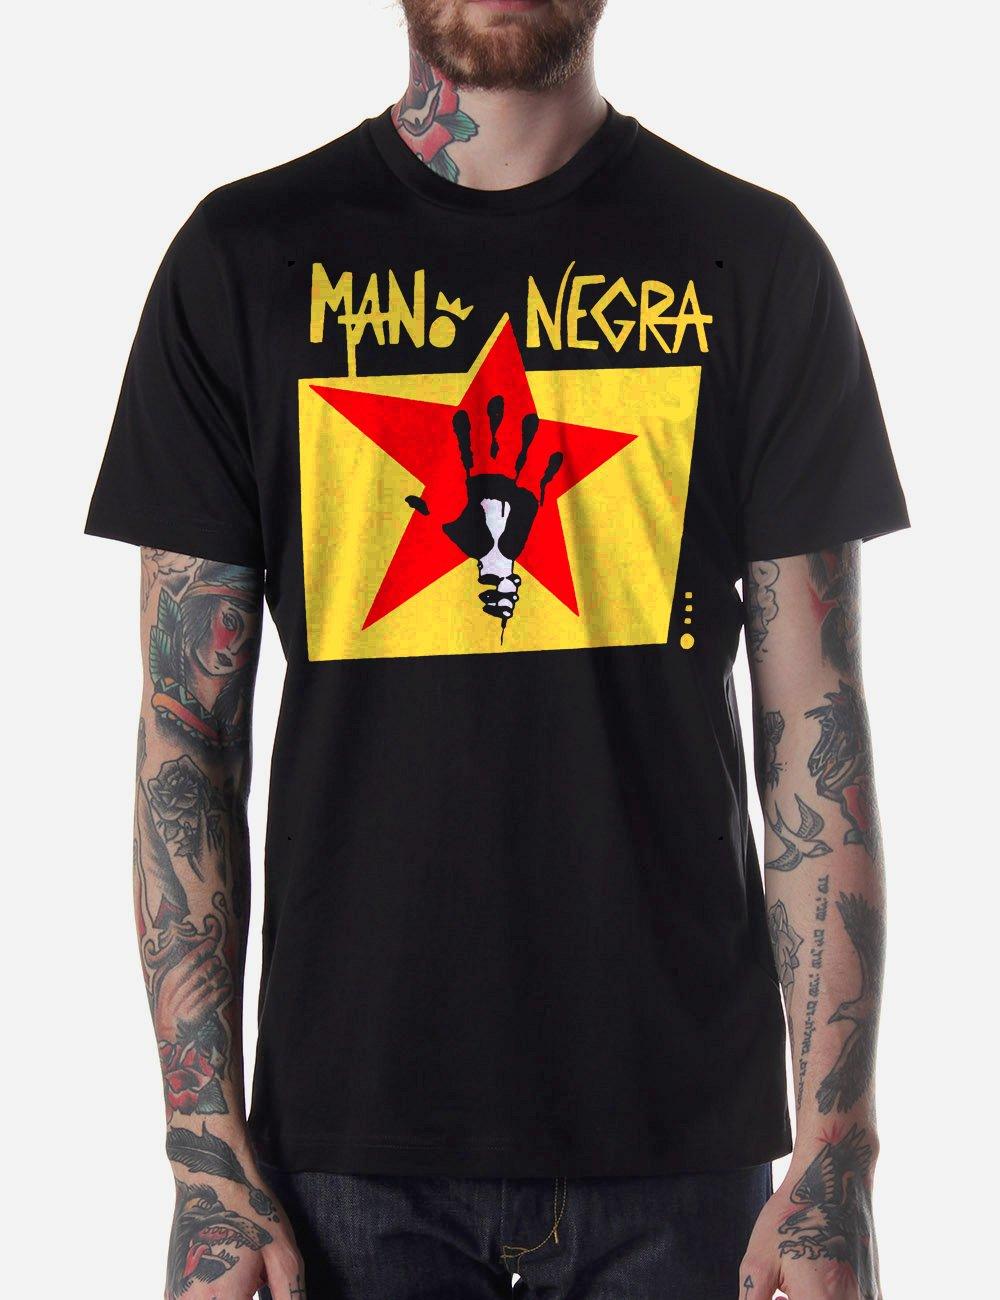 Black Men Tshirt Chao Negra logo Black Tshirt For Men